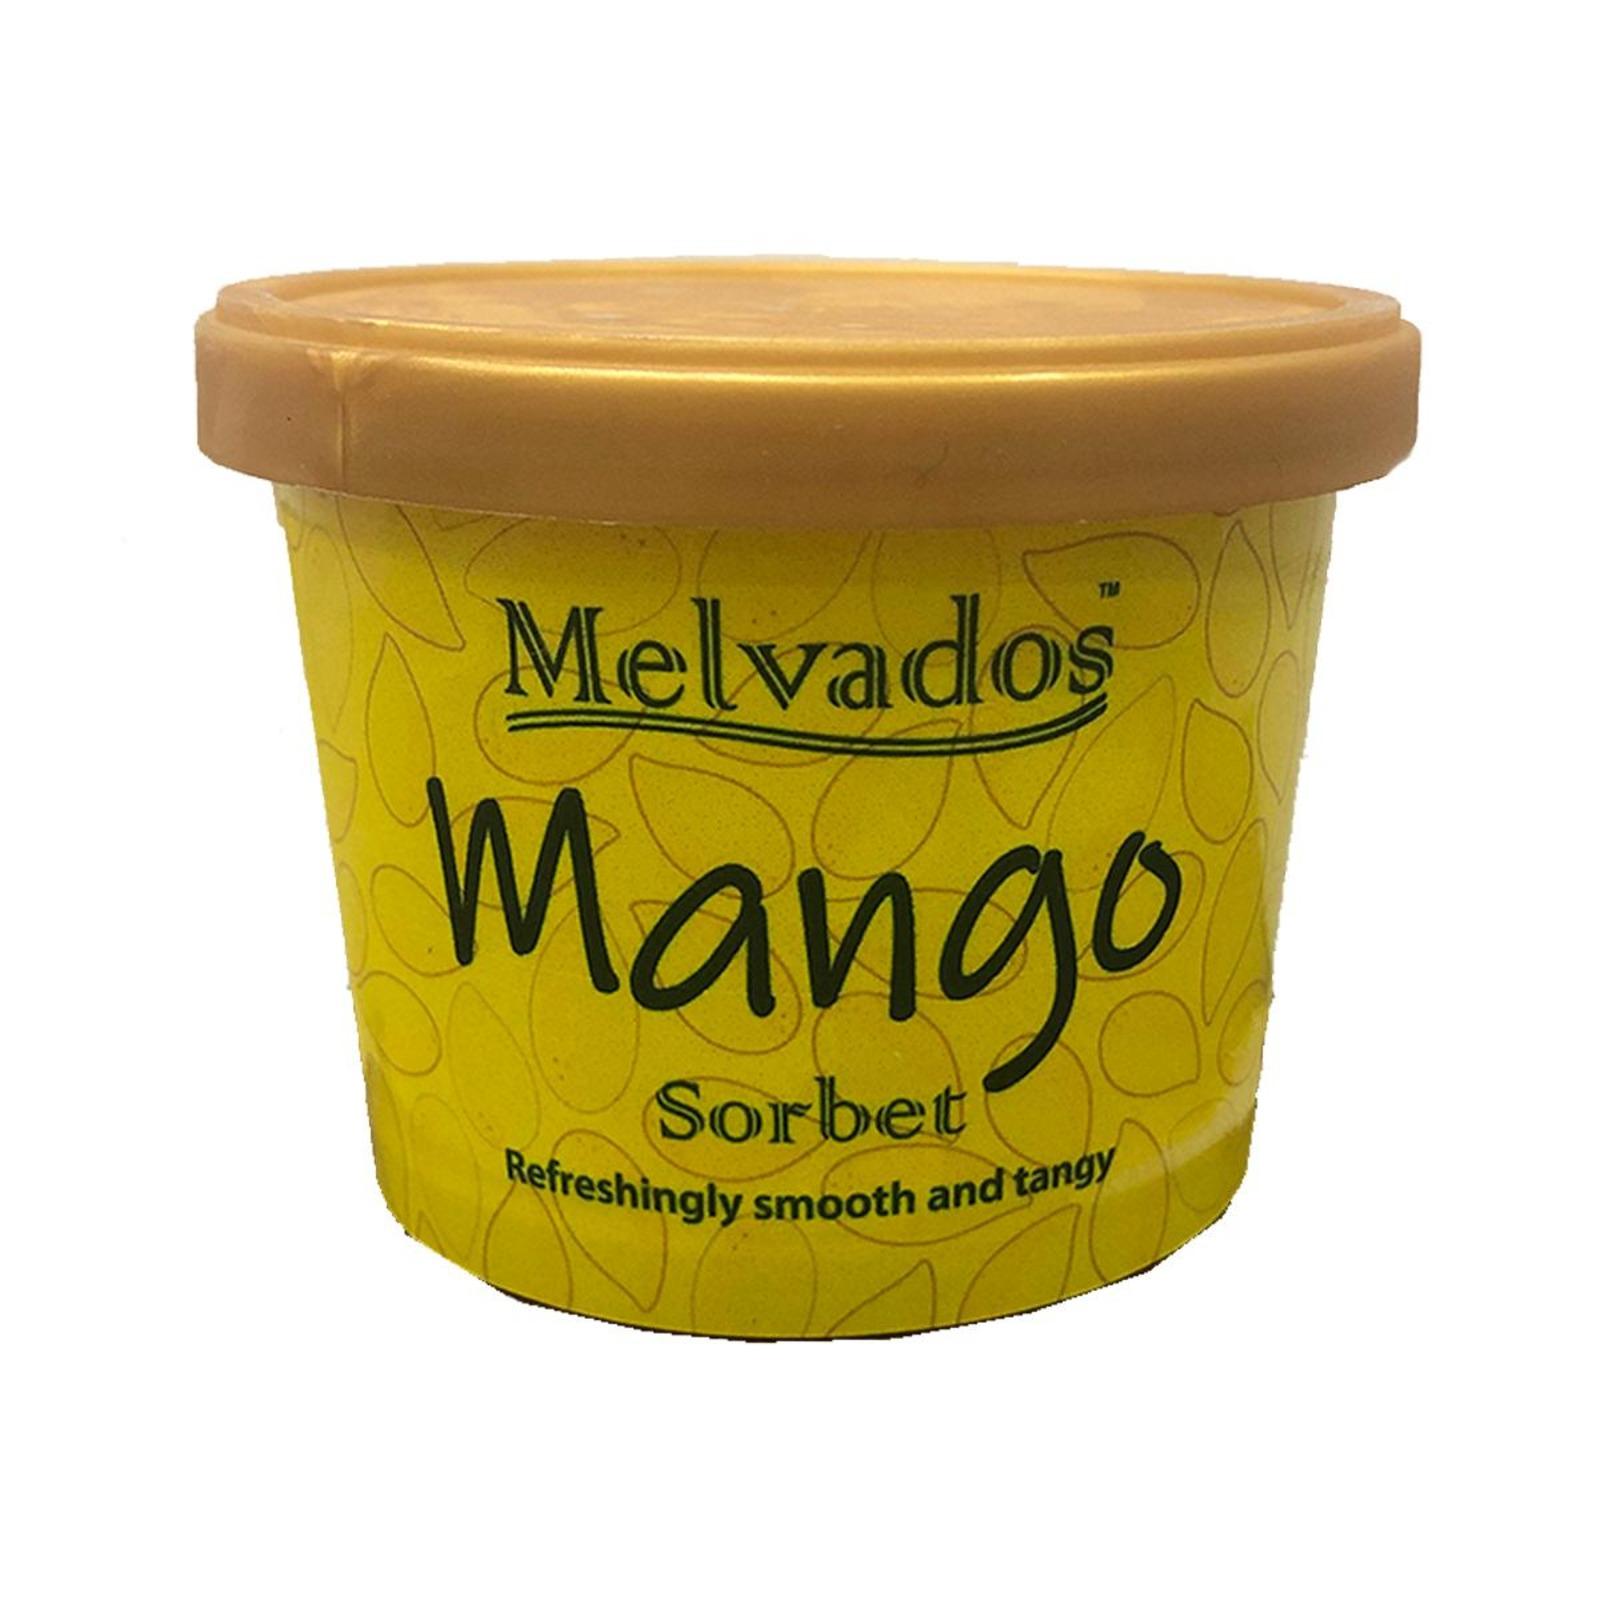 MELVADOS Mango Sorbet